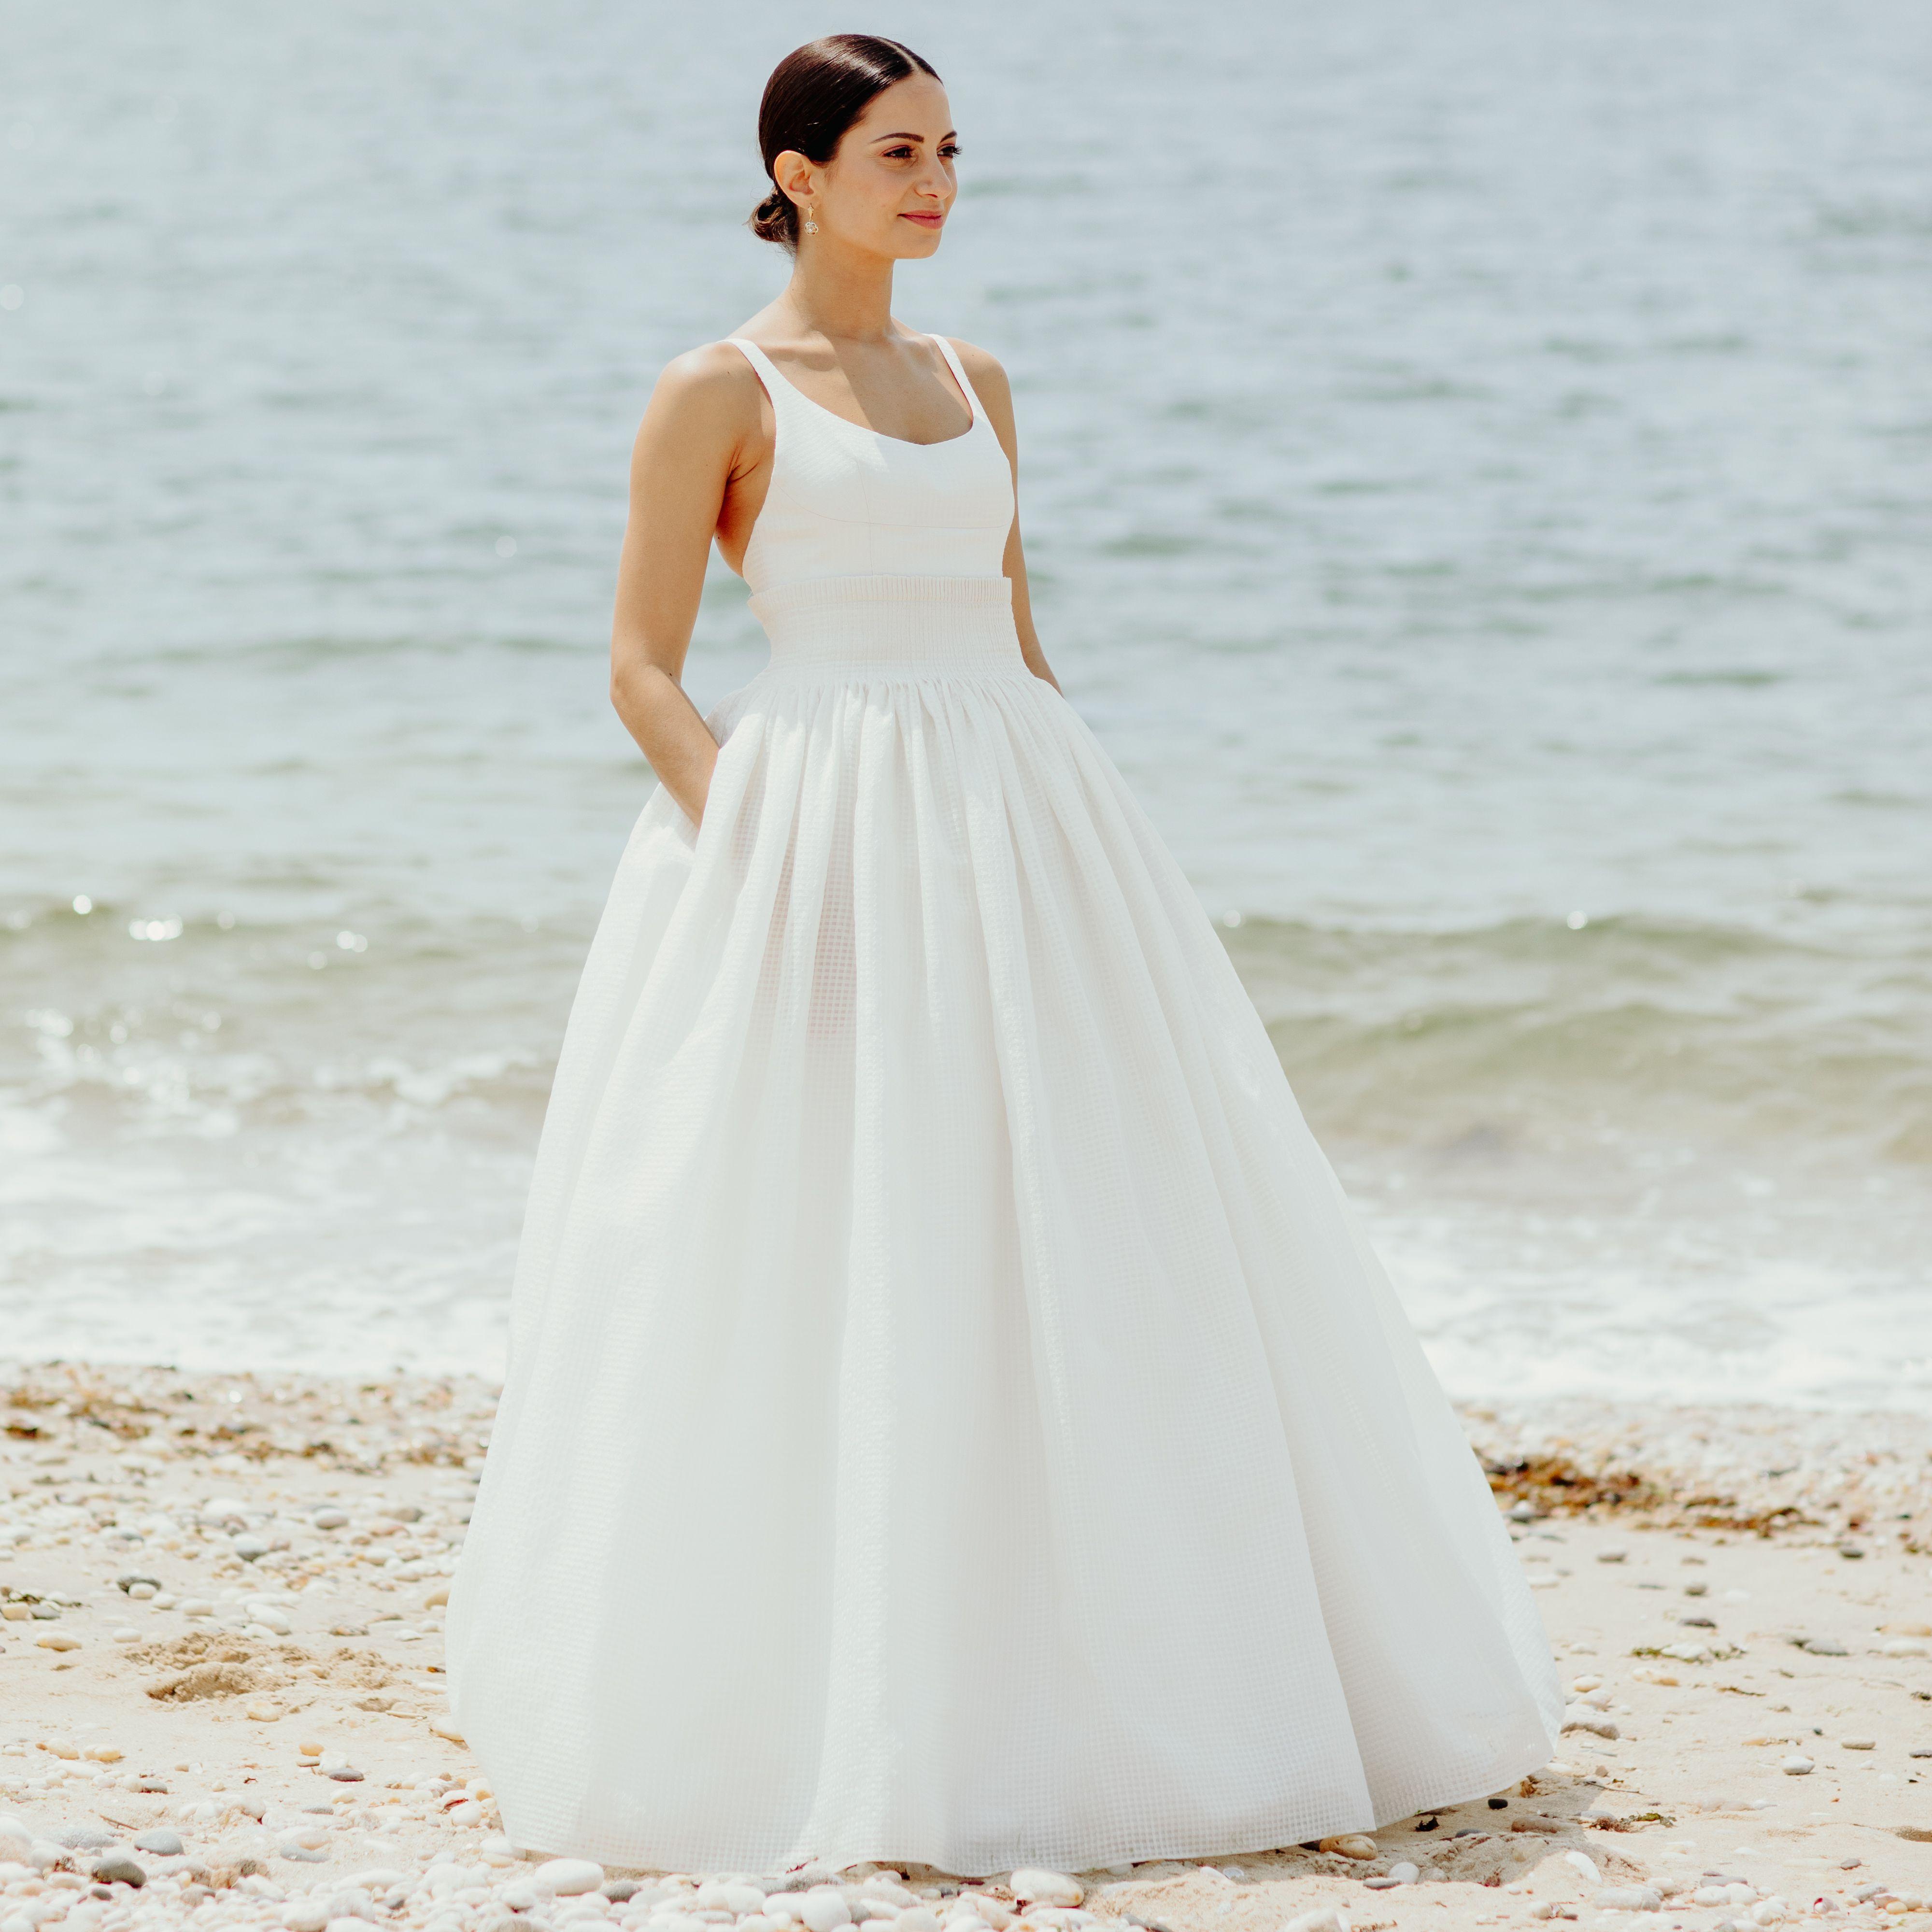 20 Best Summer Wedding Dresses for 20